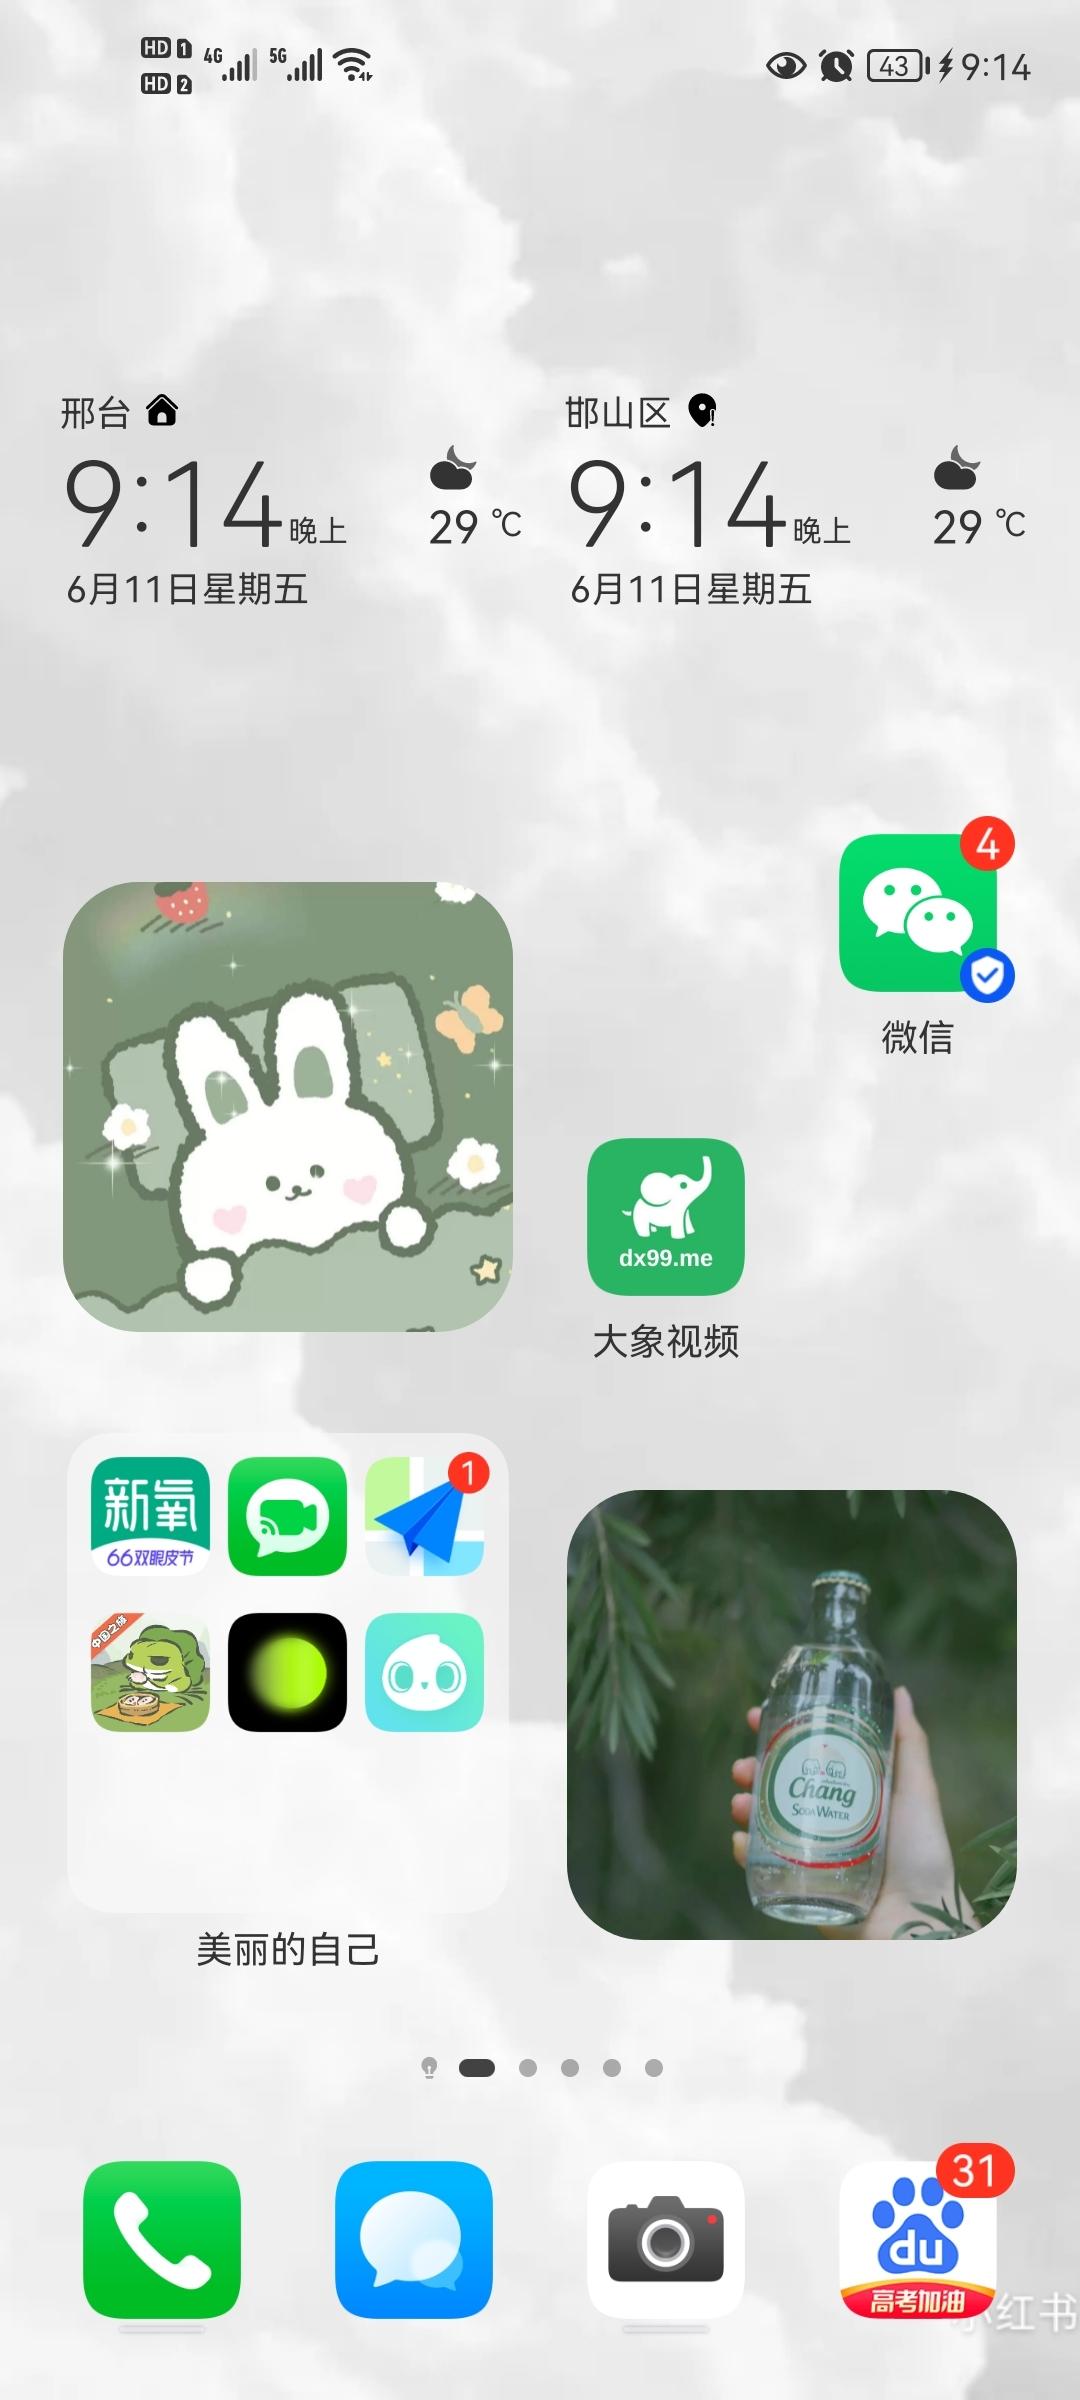 Screenshot_20210611_211417_com.huawei.android.launcher.jpg